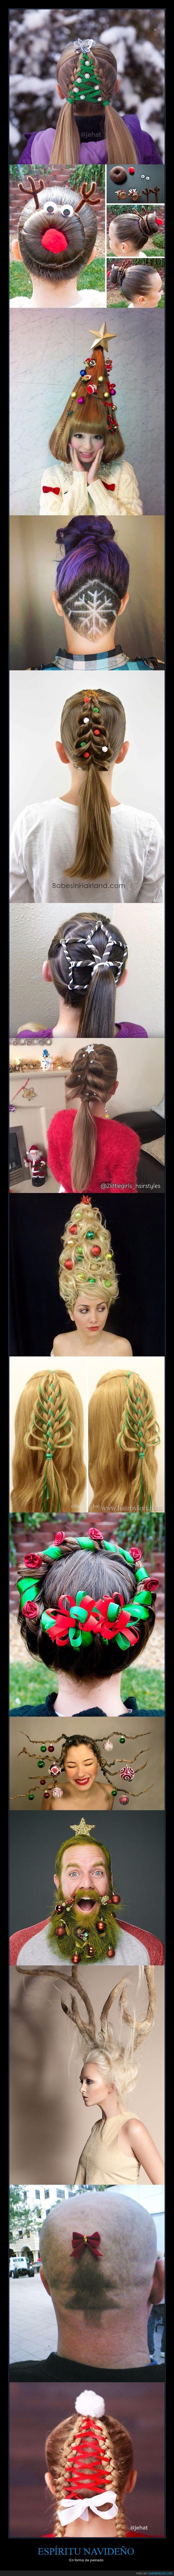 Espectacular colección de peinados navideños - En forma de peinado   Gracias a http://www.cuantarazon.com/   Si quieres leer la noticia completa visita: http://www.estoy-aburrido.com/espectacular-coleccion-de-peinados-navidenos-en-forma-de-peinado/